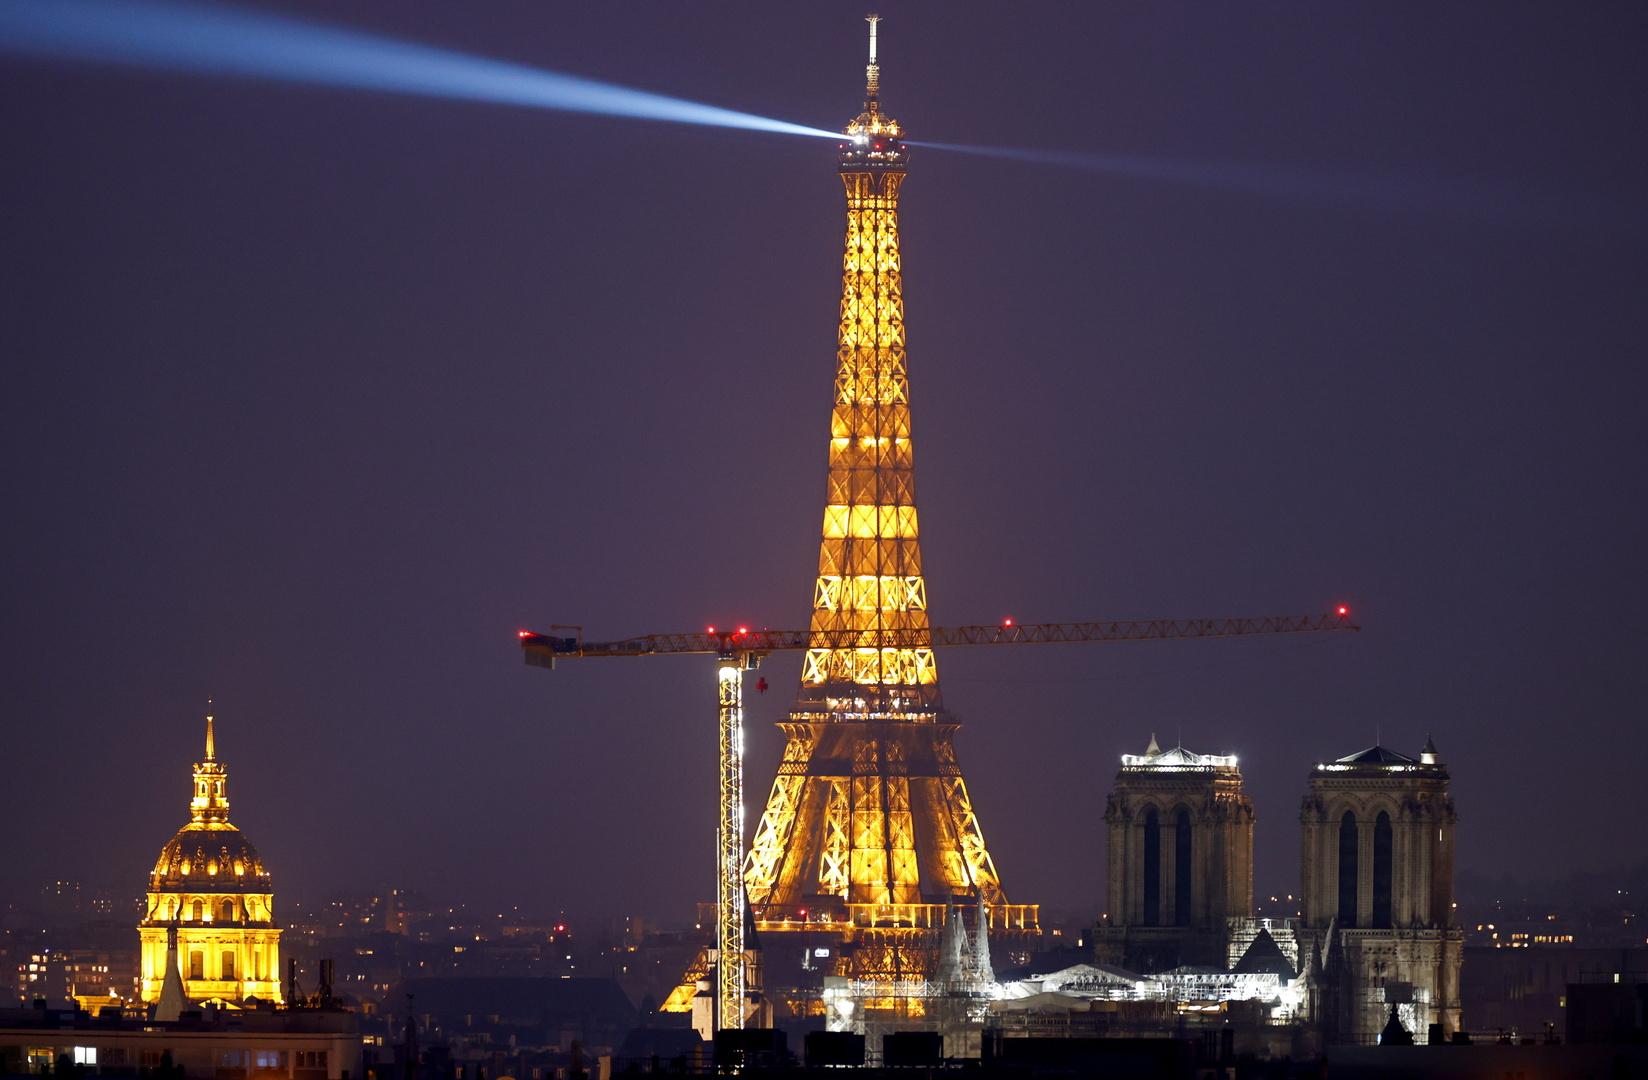 الحكومة الفرنسية تستنكر الاعتداء على مركز إسلامي غربي البلاد